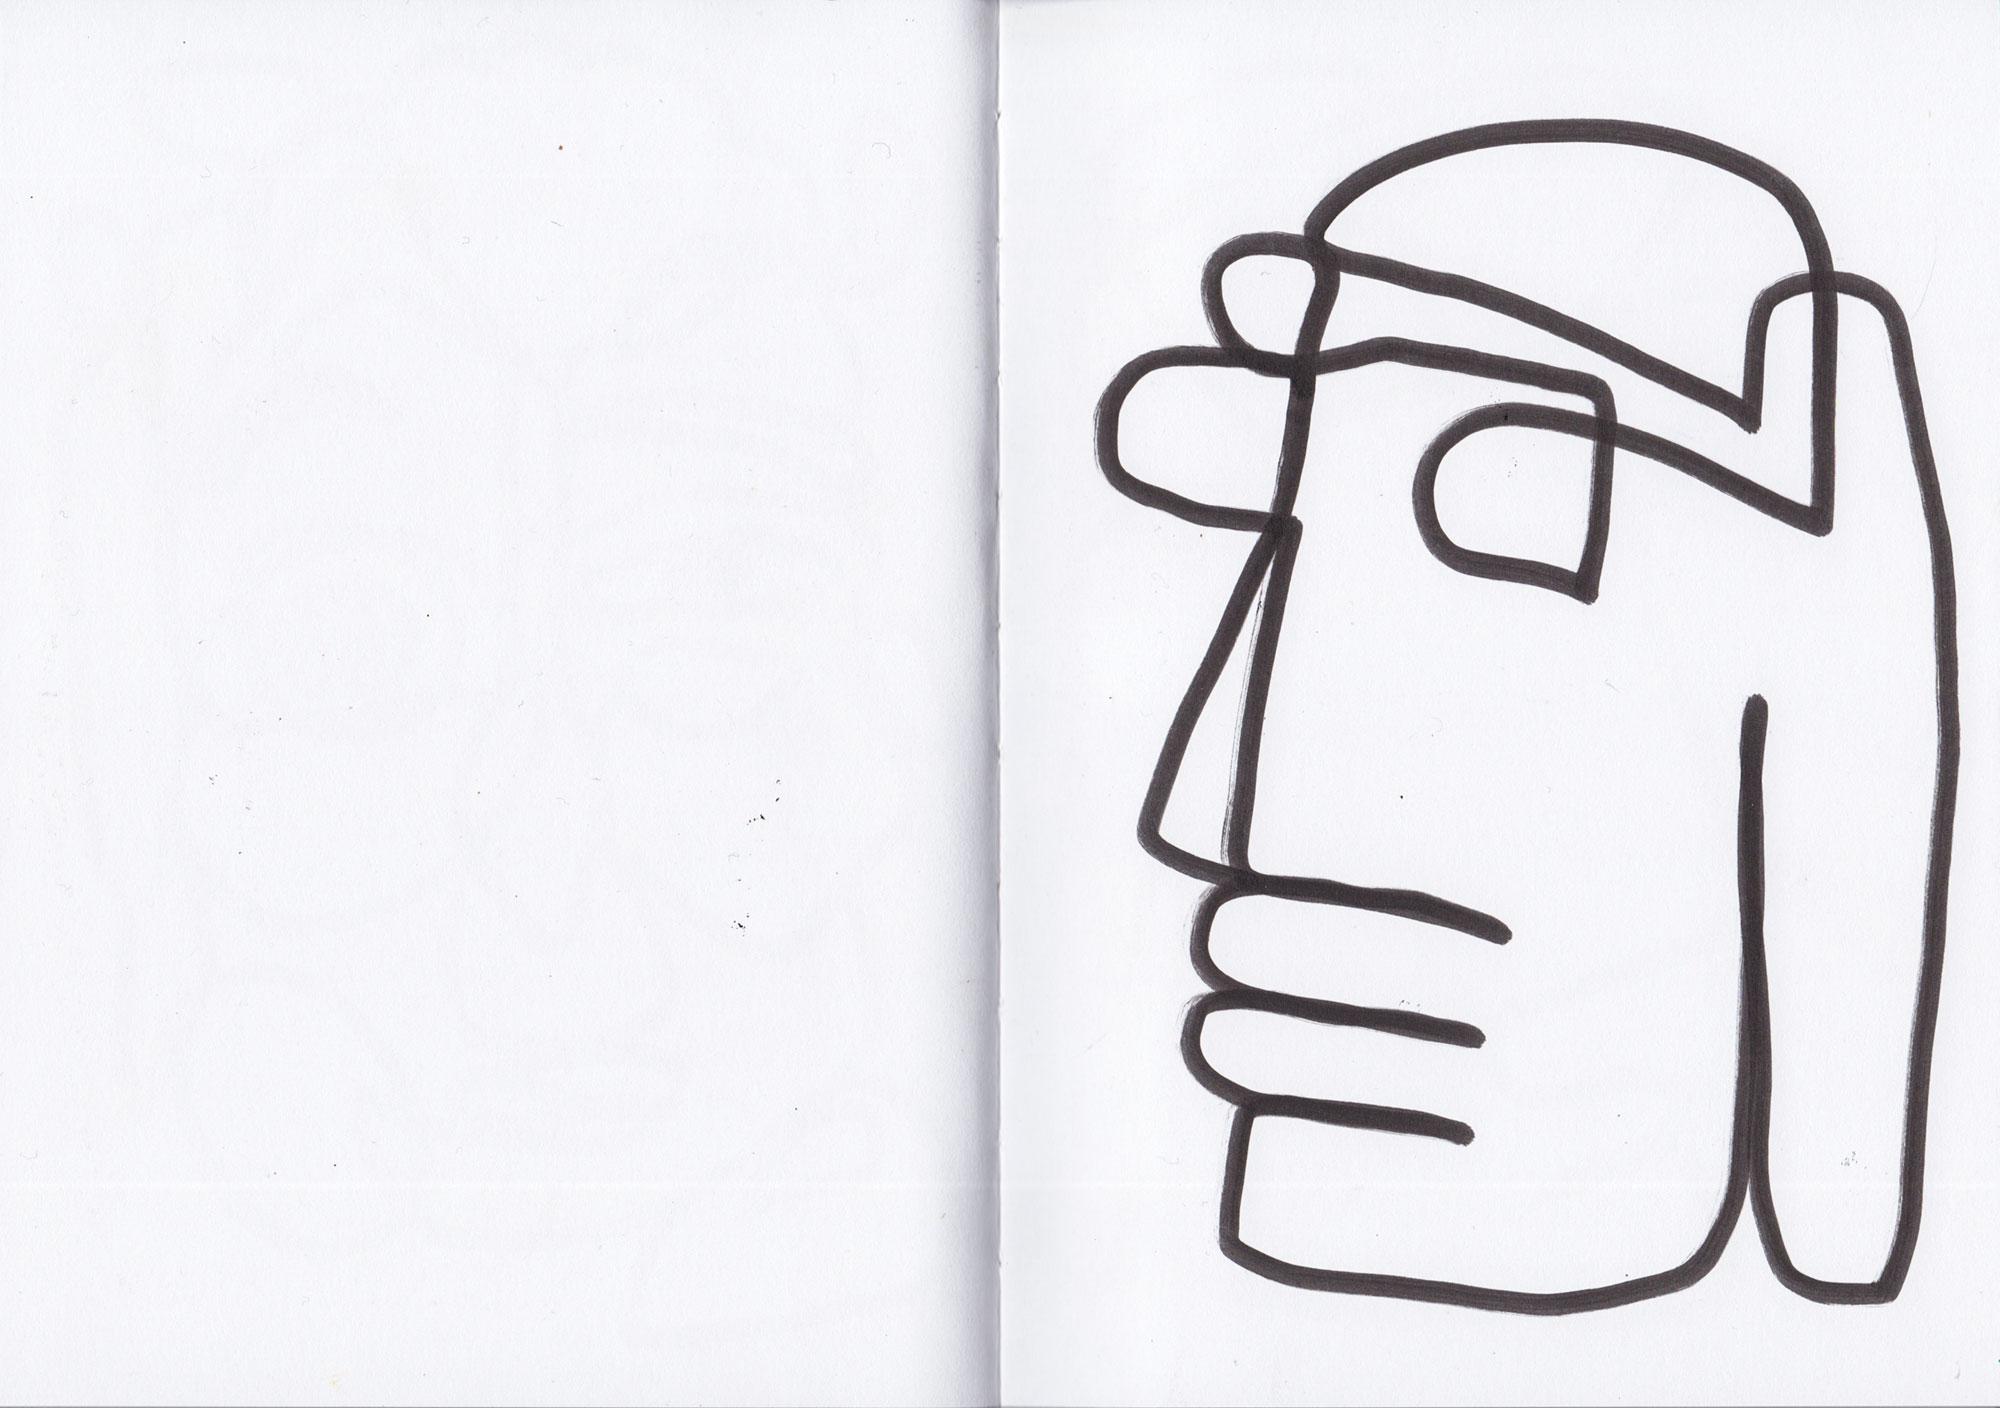 18-Scan-Book-FACES-DA-28